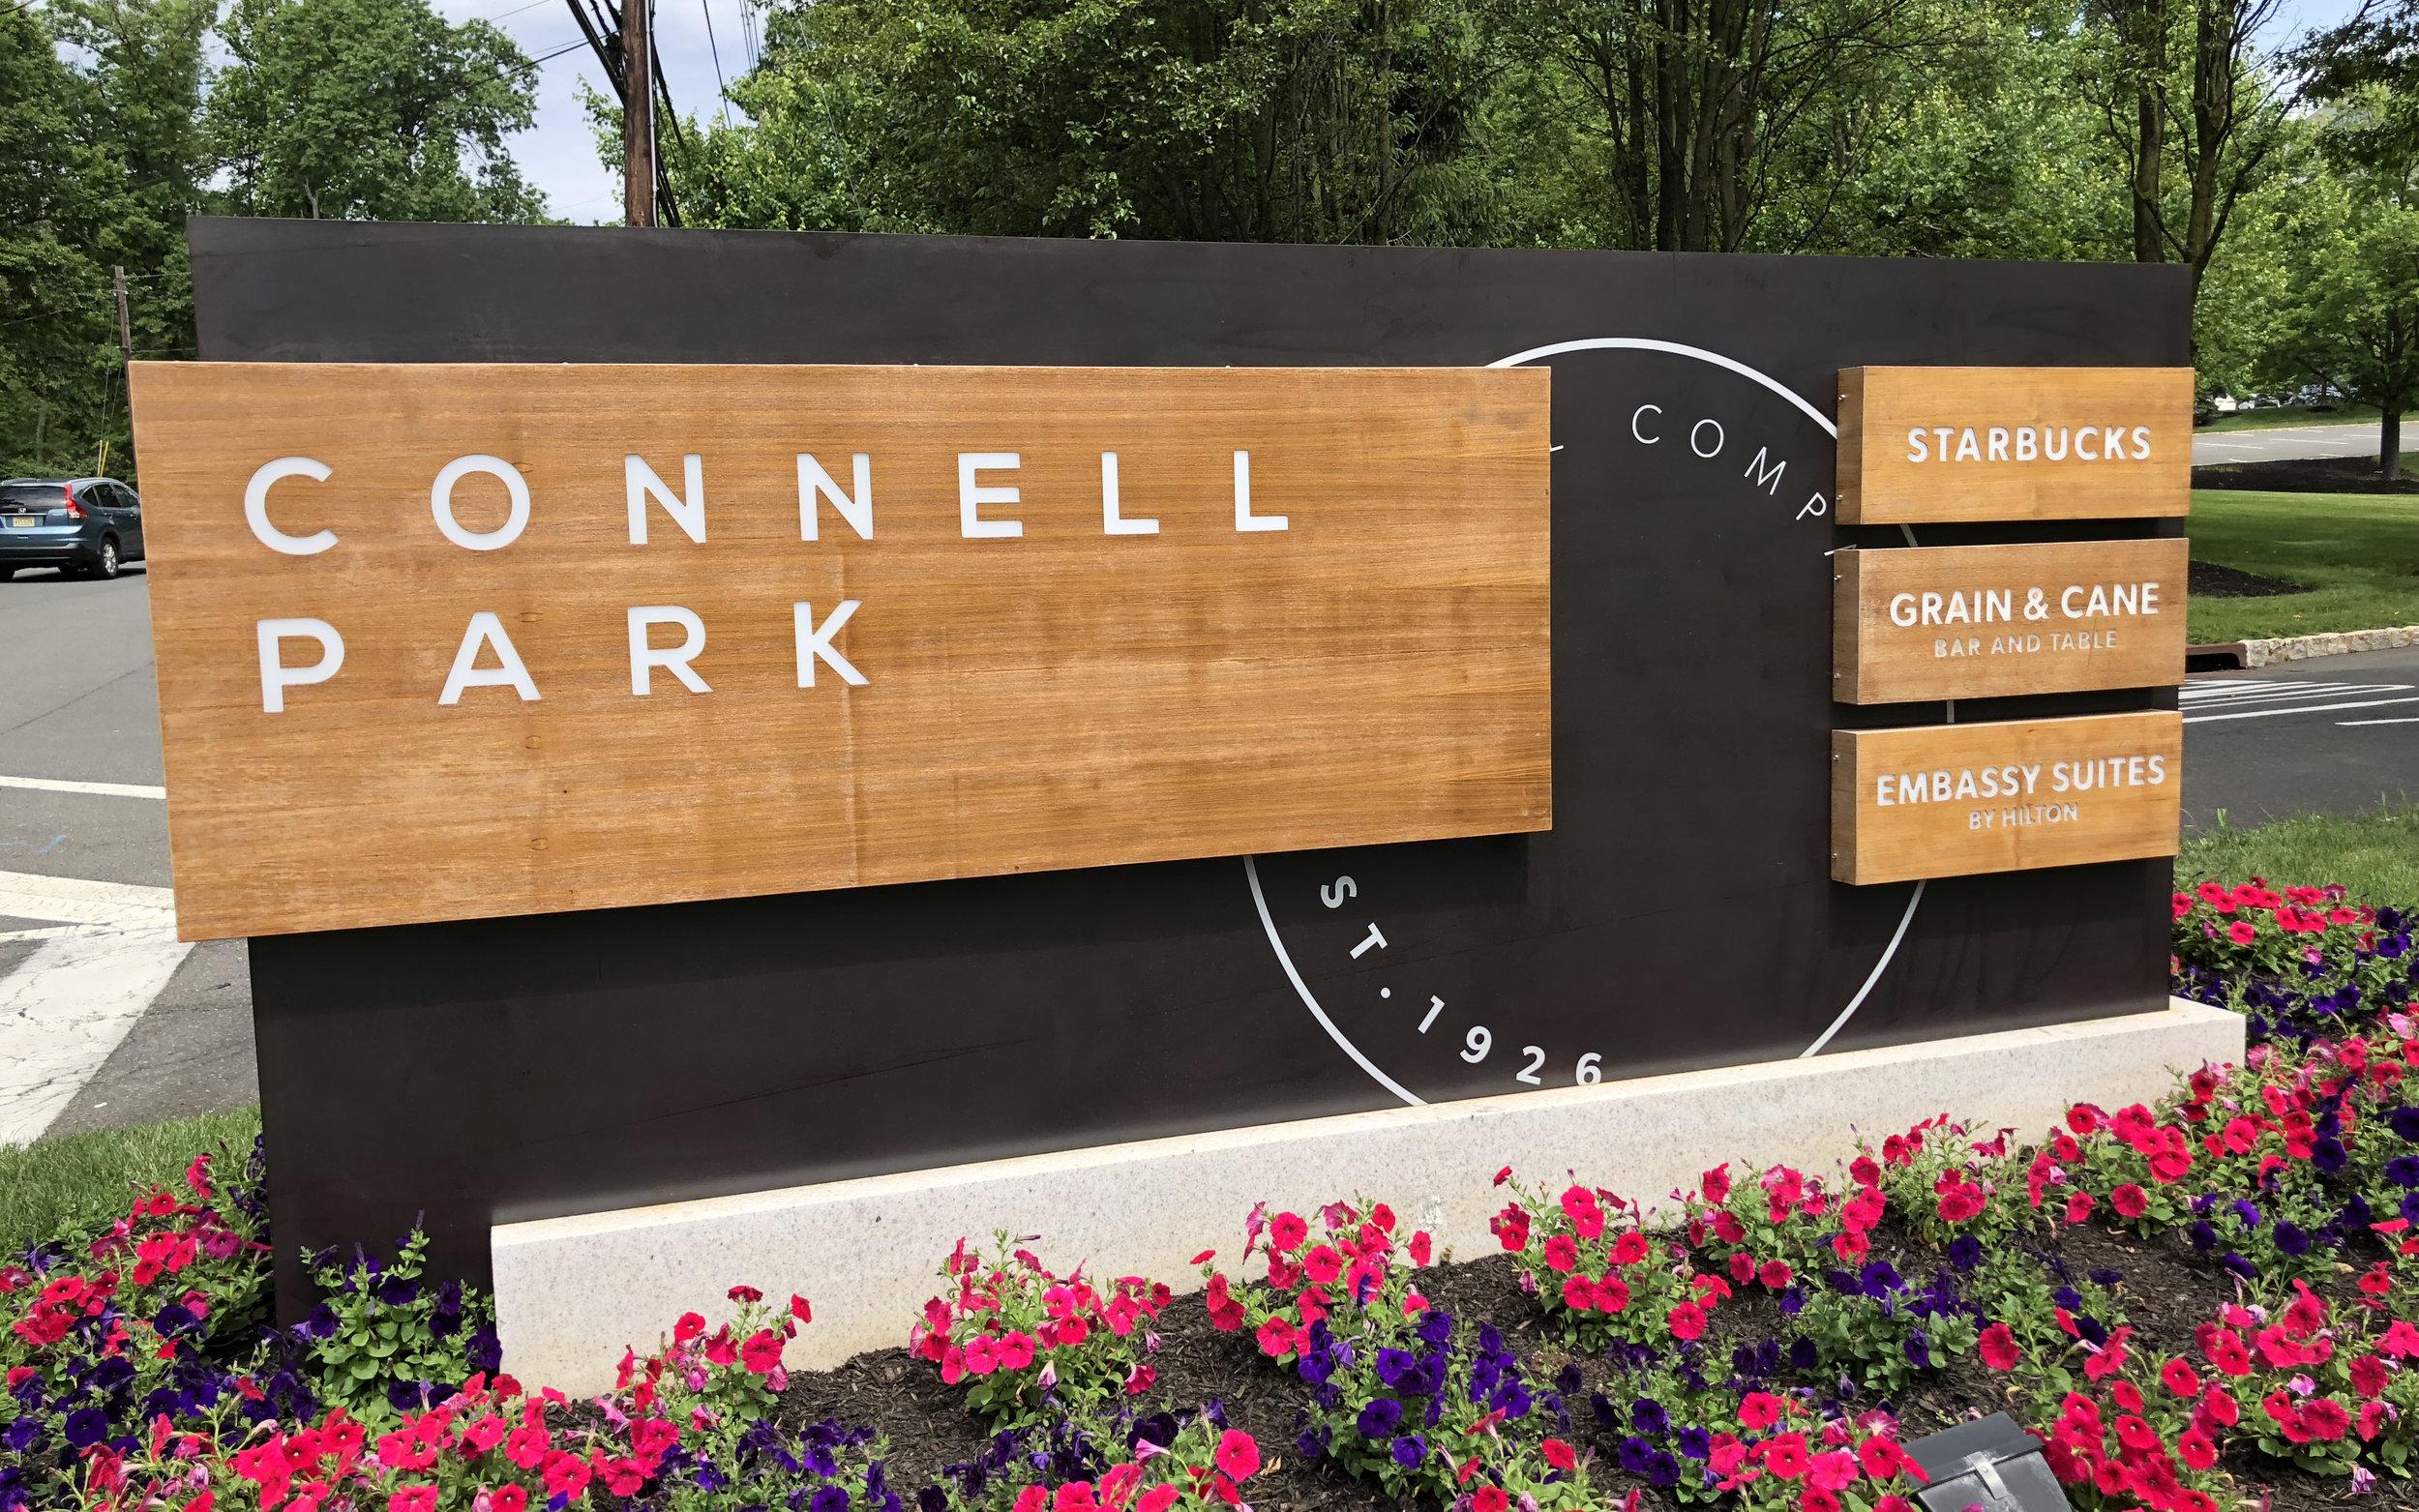 connellpark_resized_01.jpg